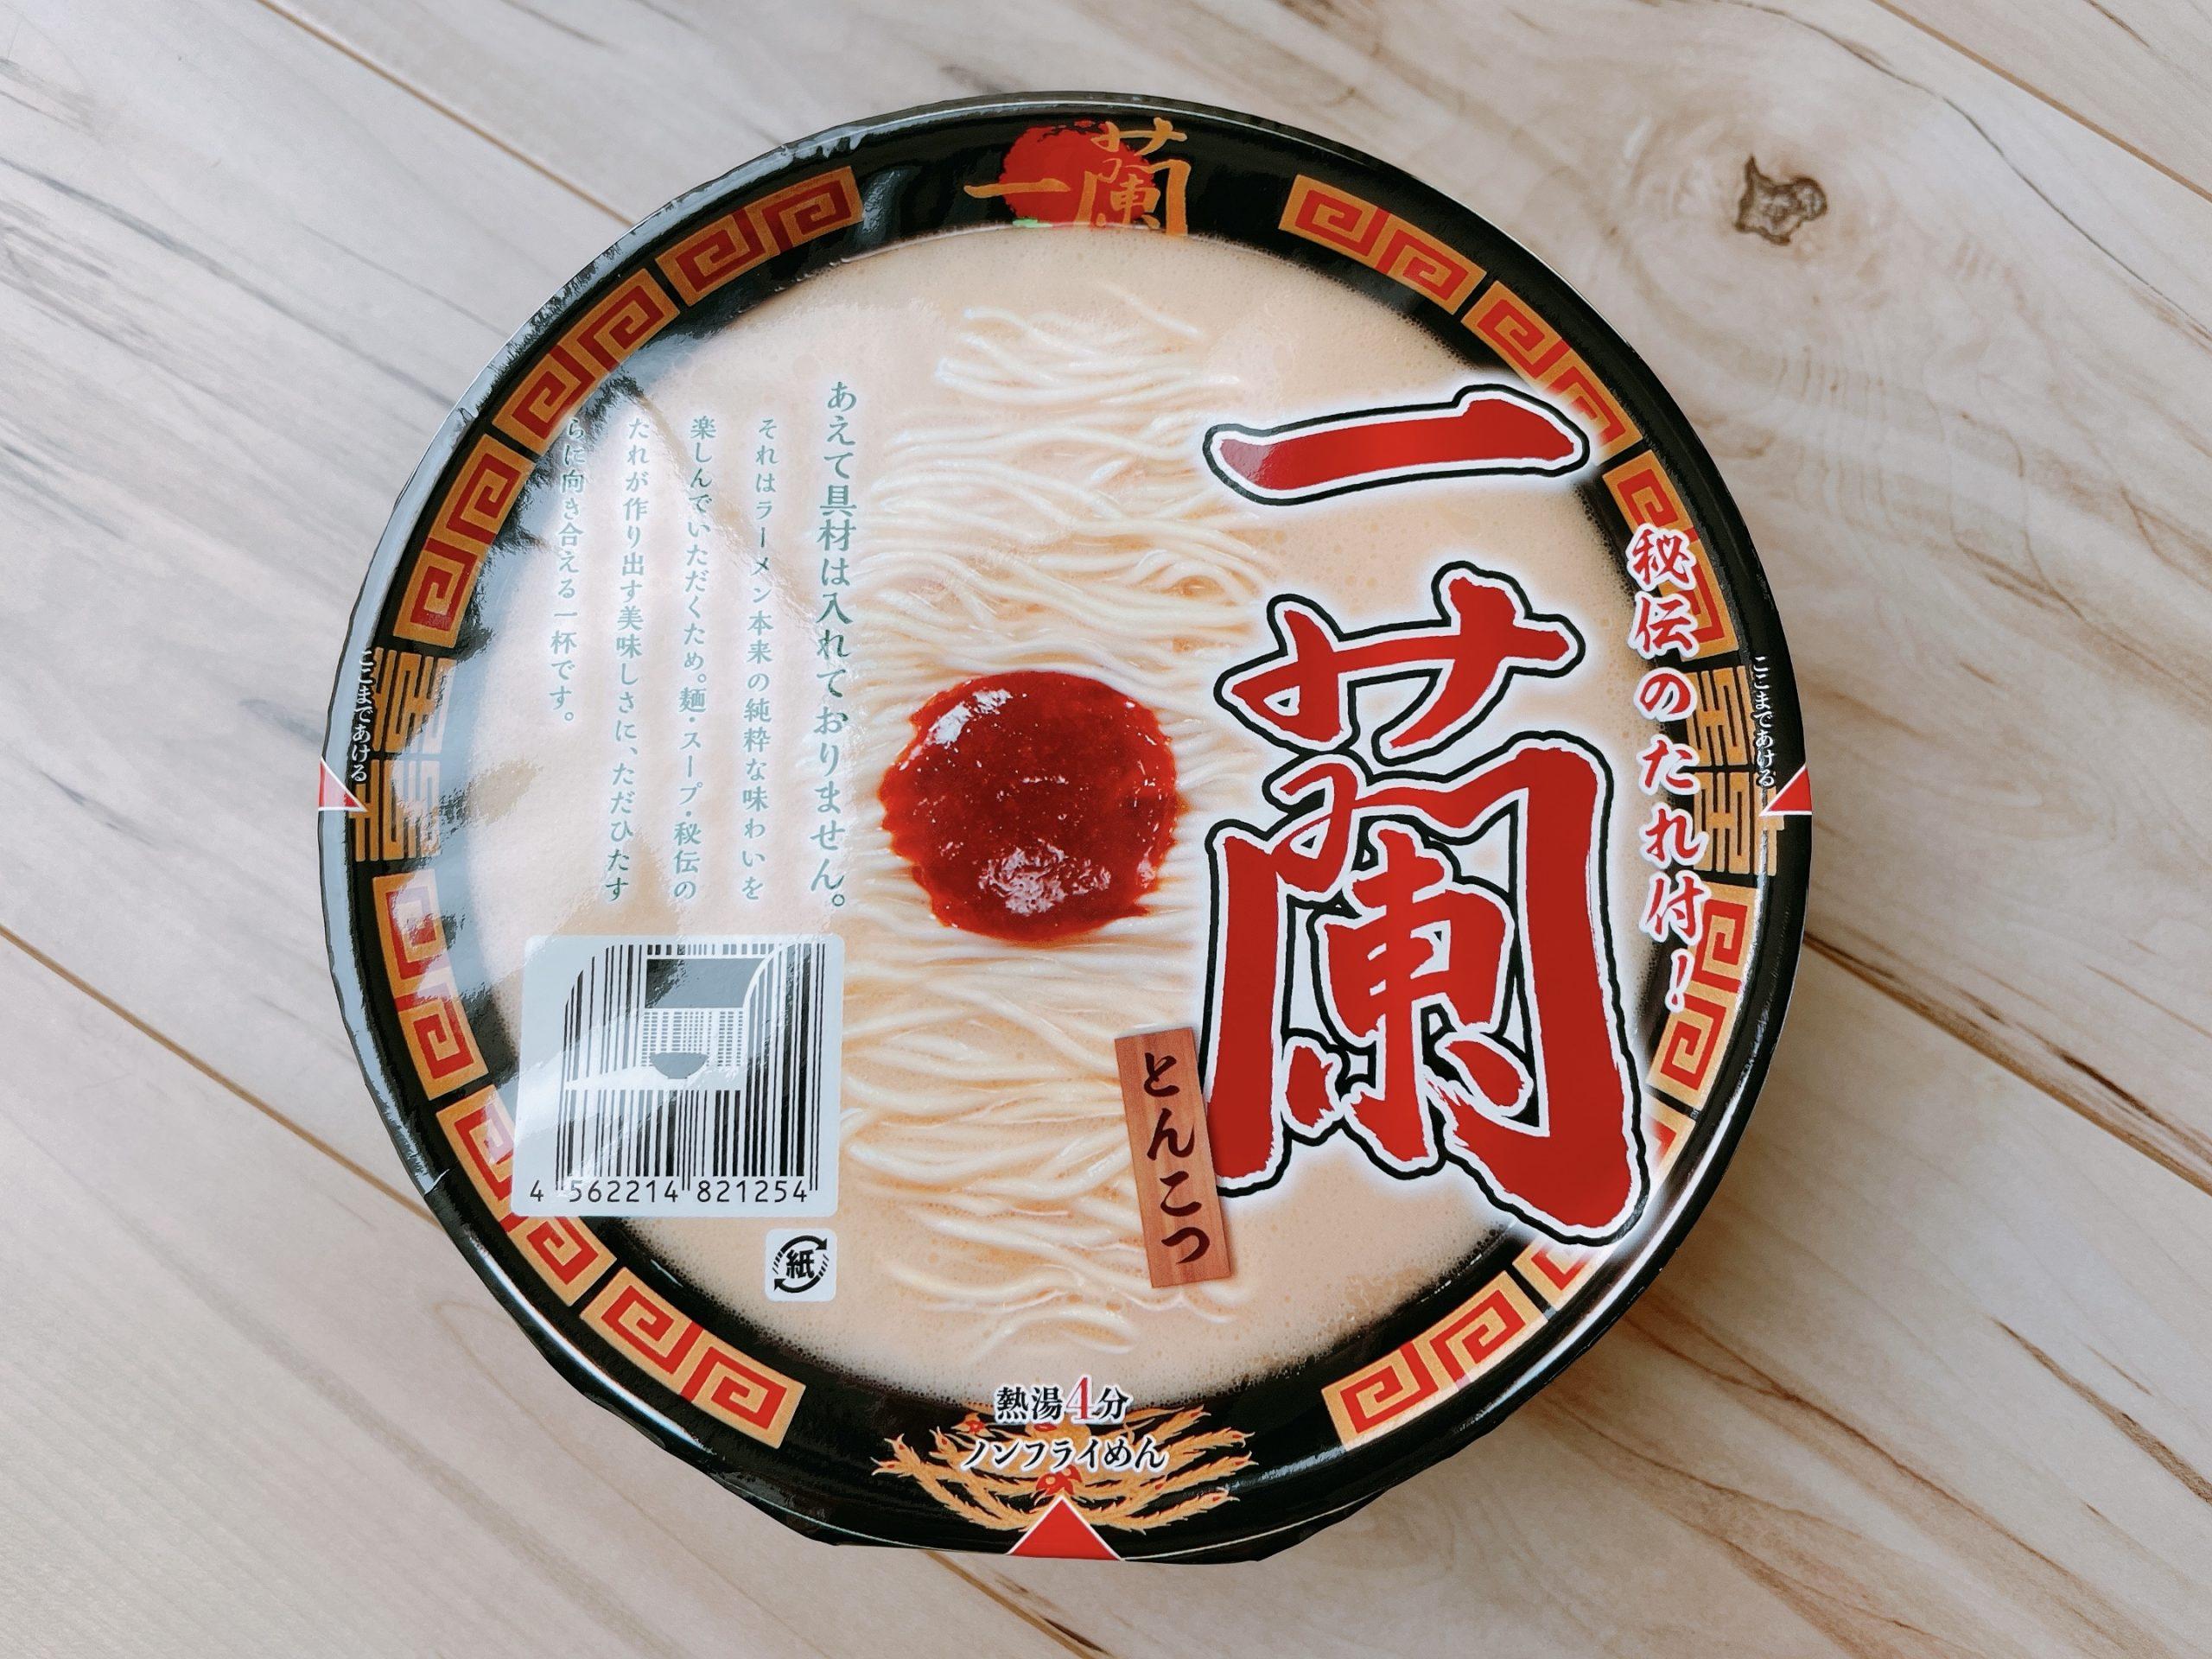 一蘭カップ麺のパッケージ